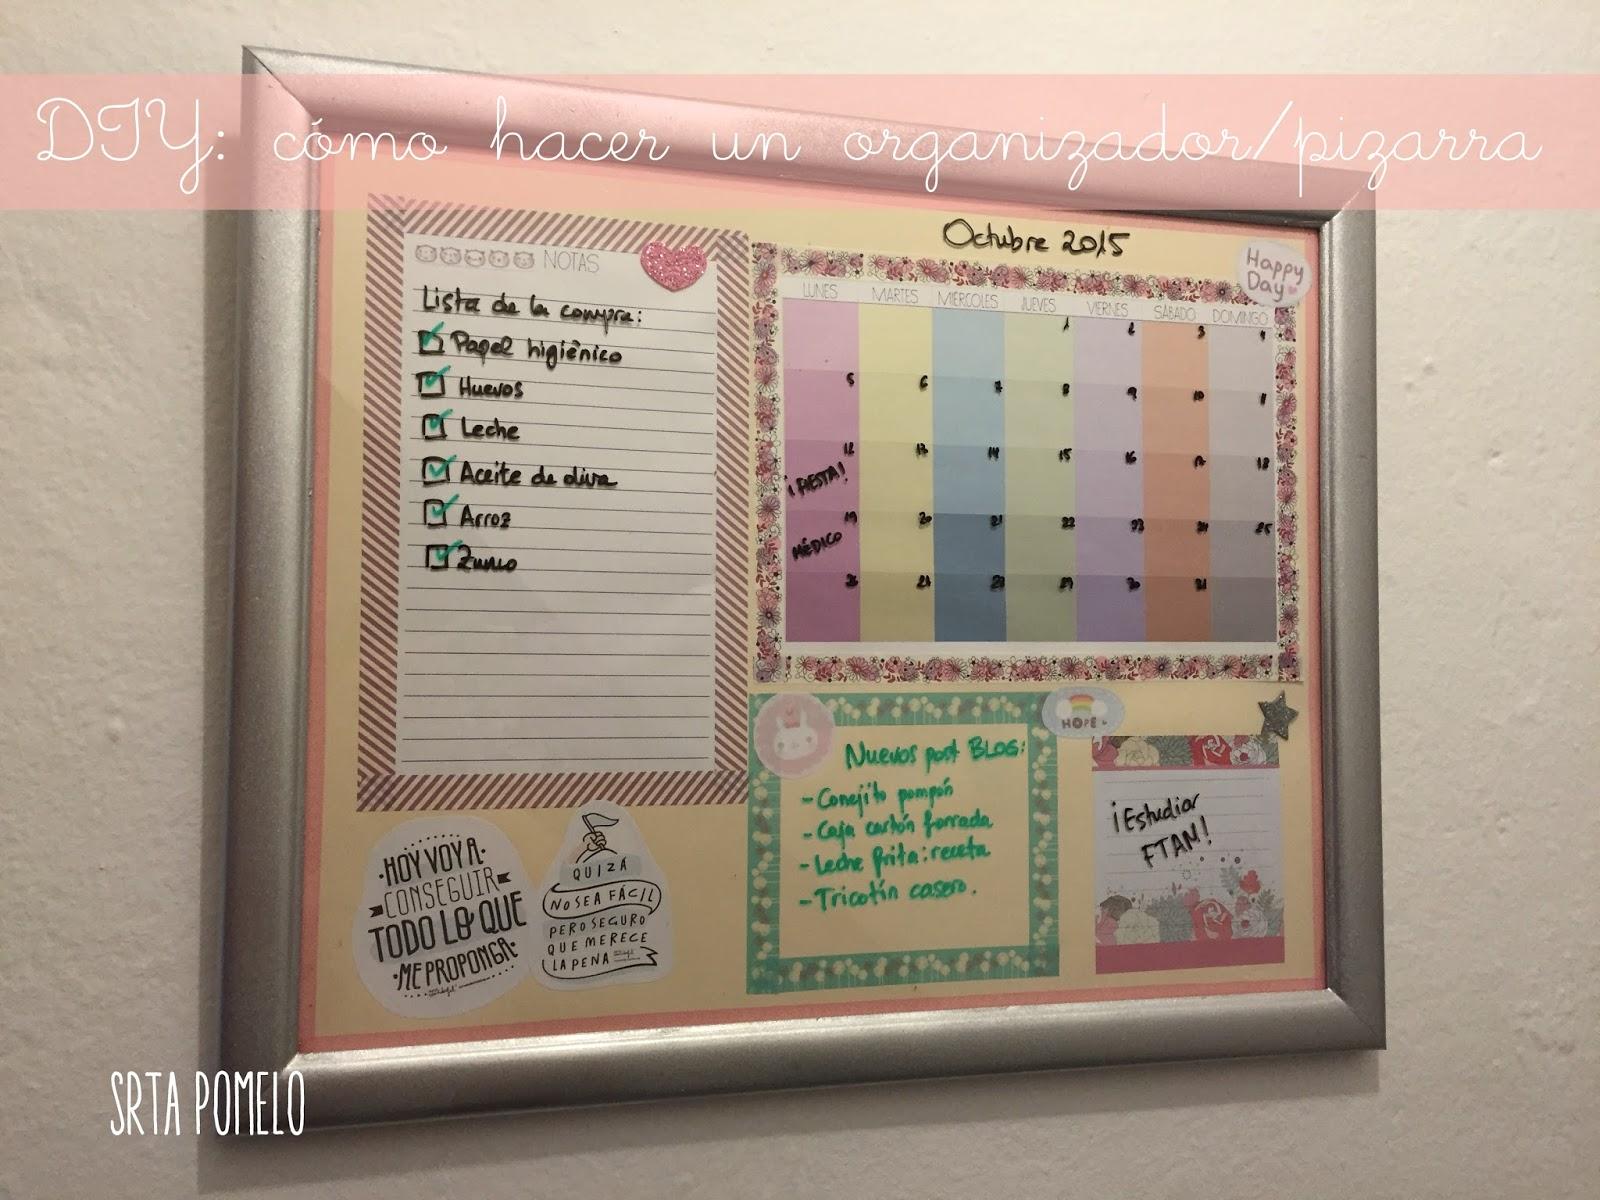 Srta Pomelo: DIY: cómo hacer un organizador/pizarra.